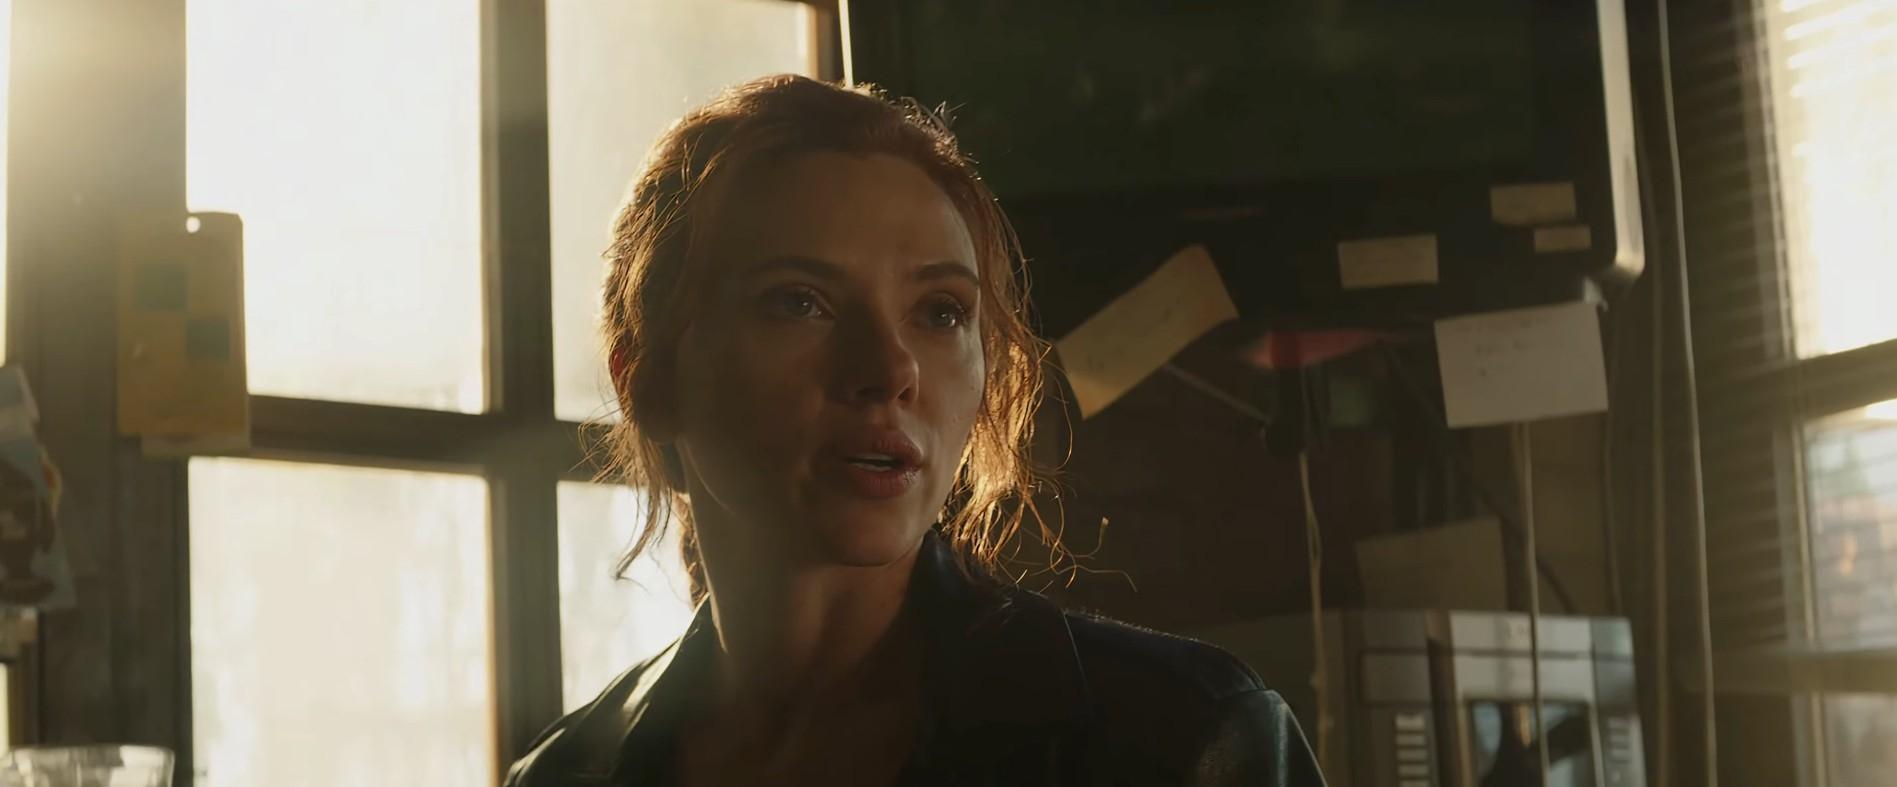 Scarlett Johansson in Black Widow (2021)